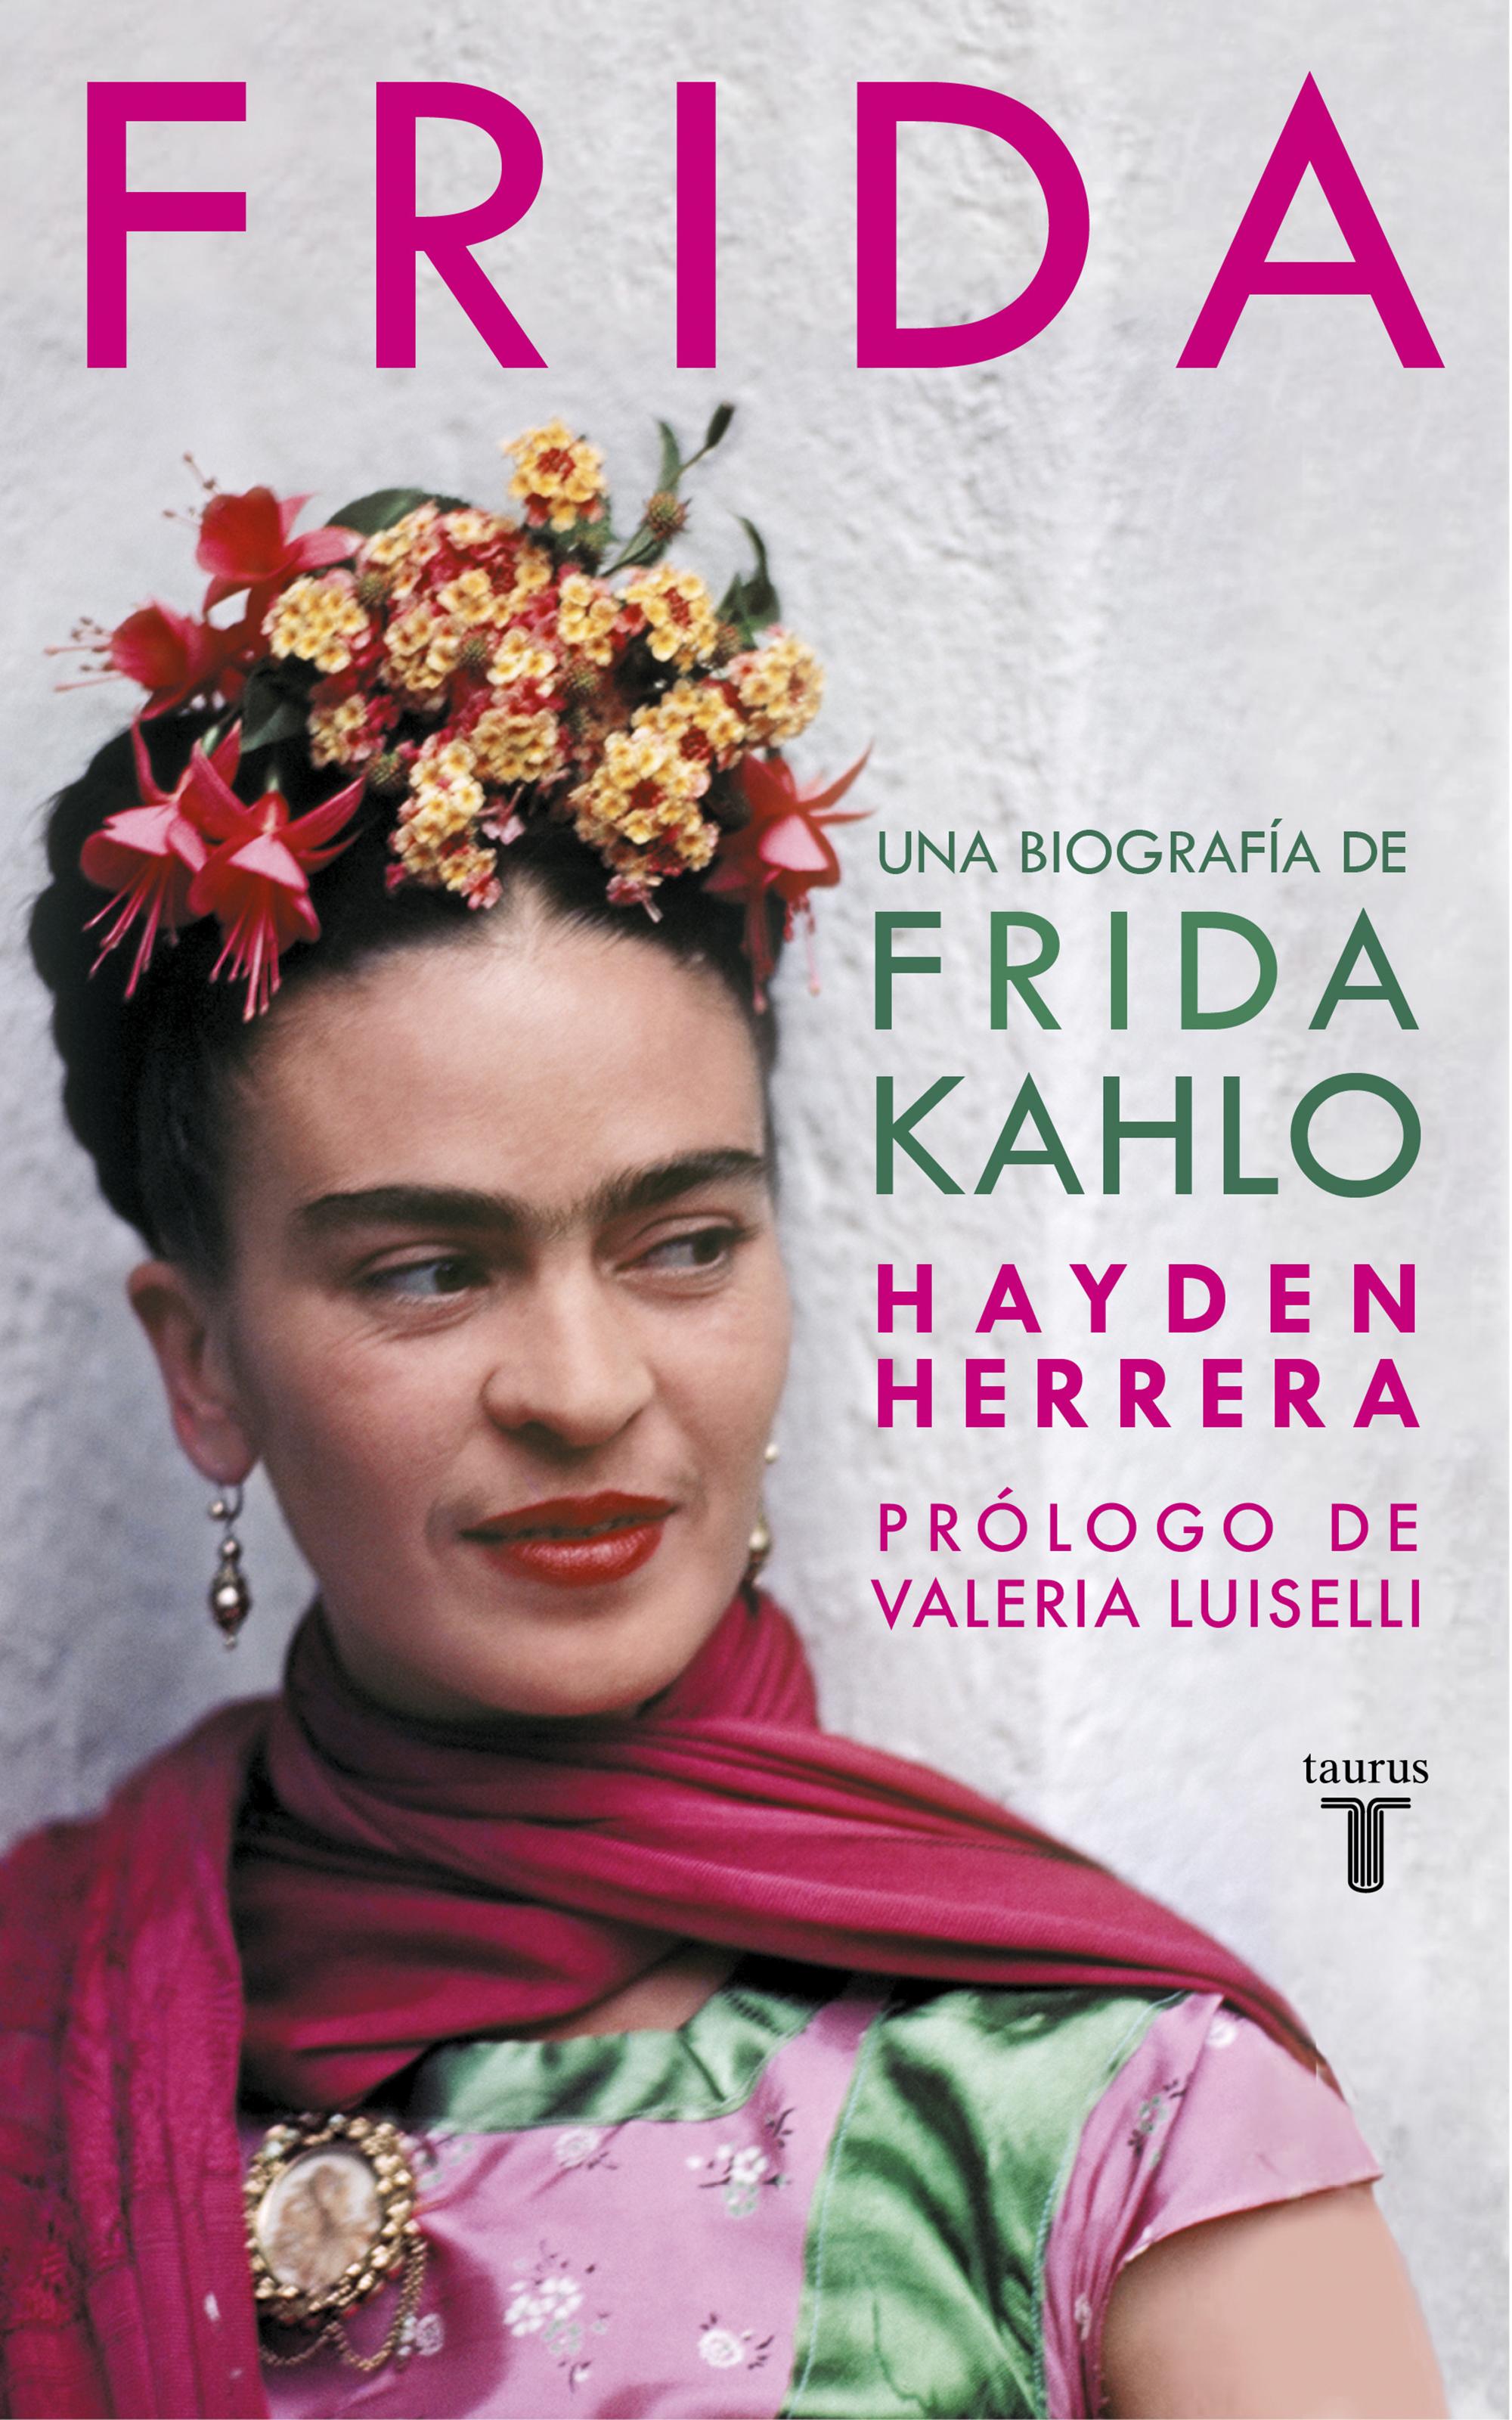 Frida Una biografía de Frida Kahlo